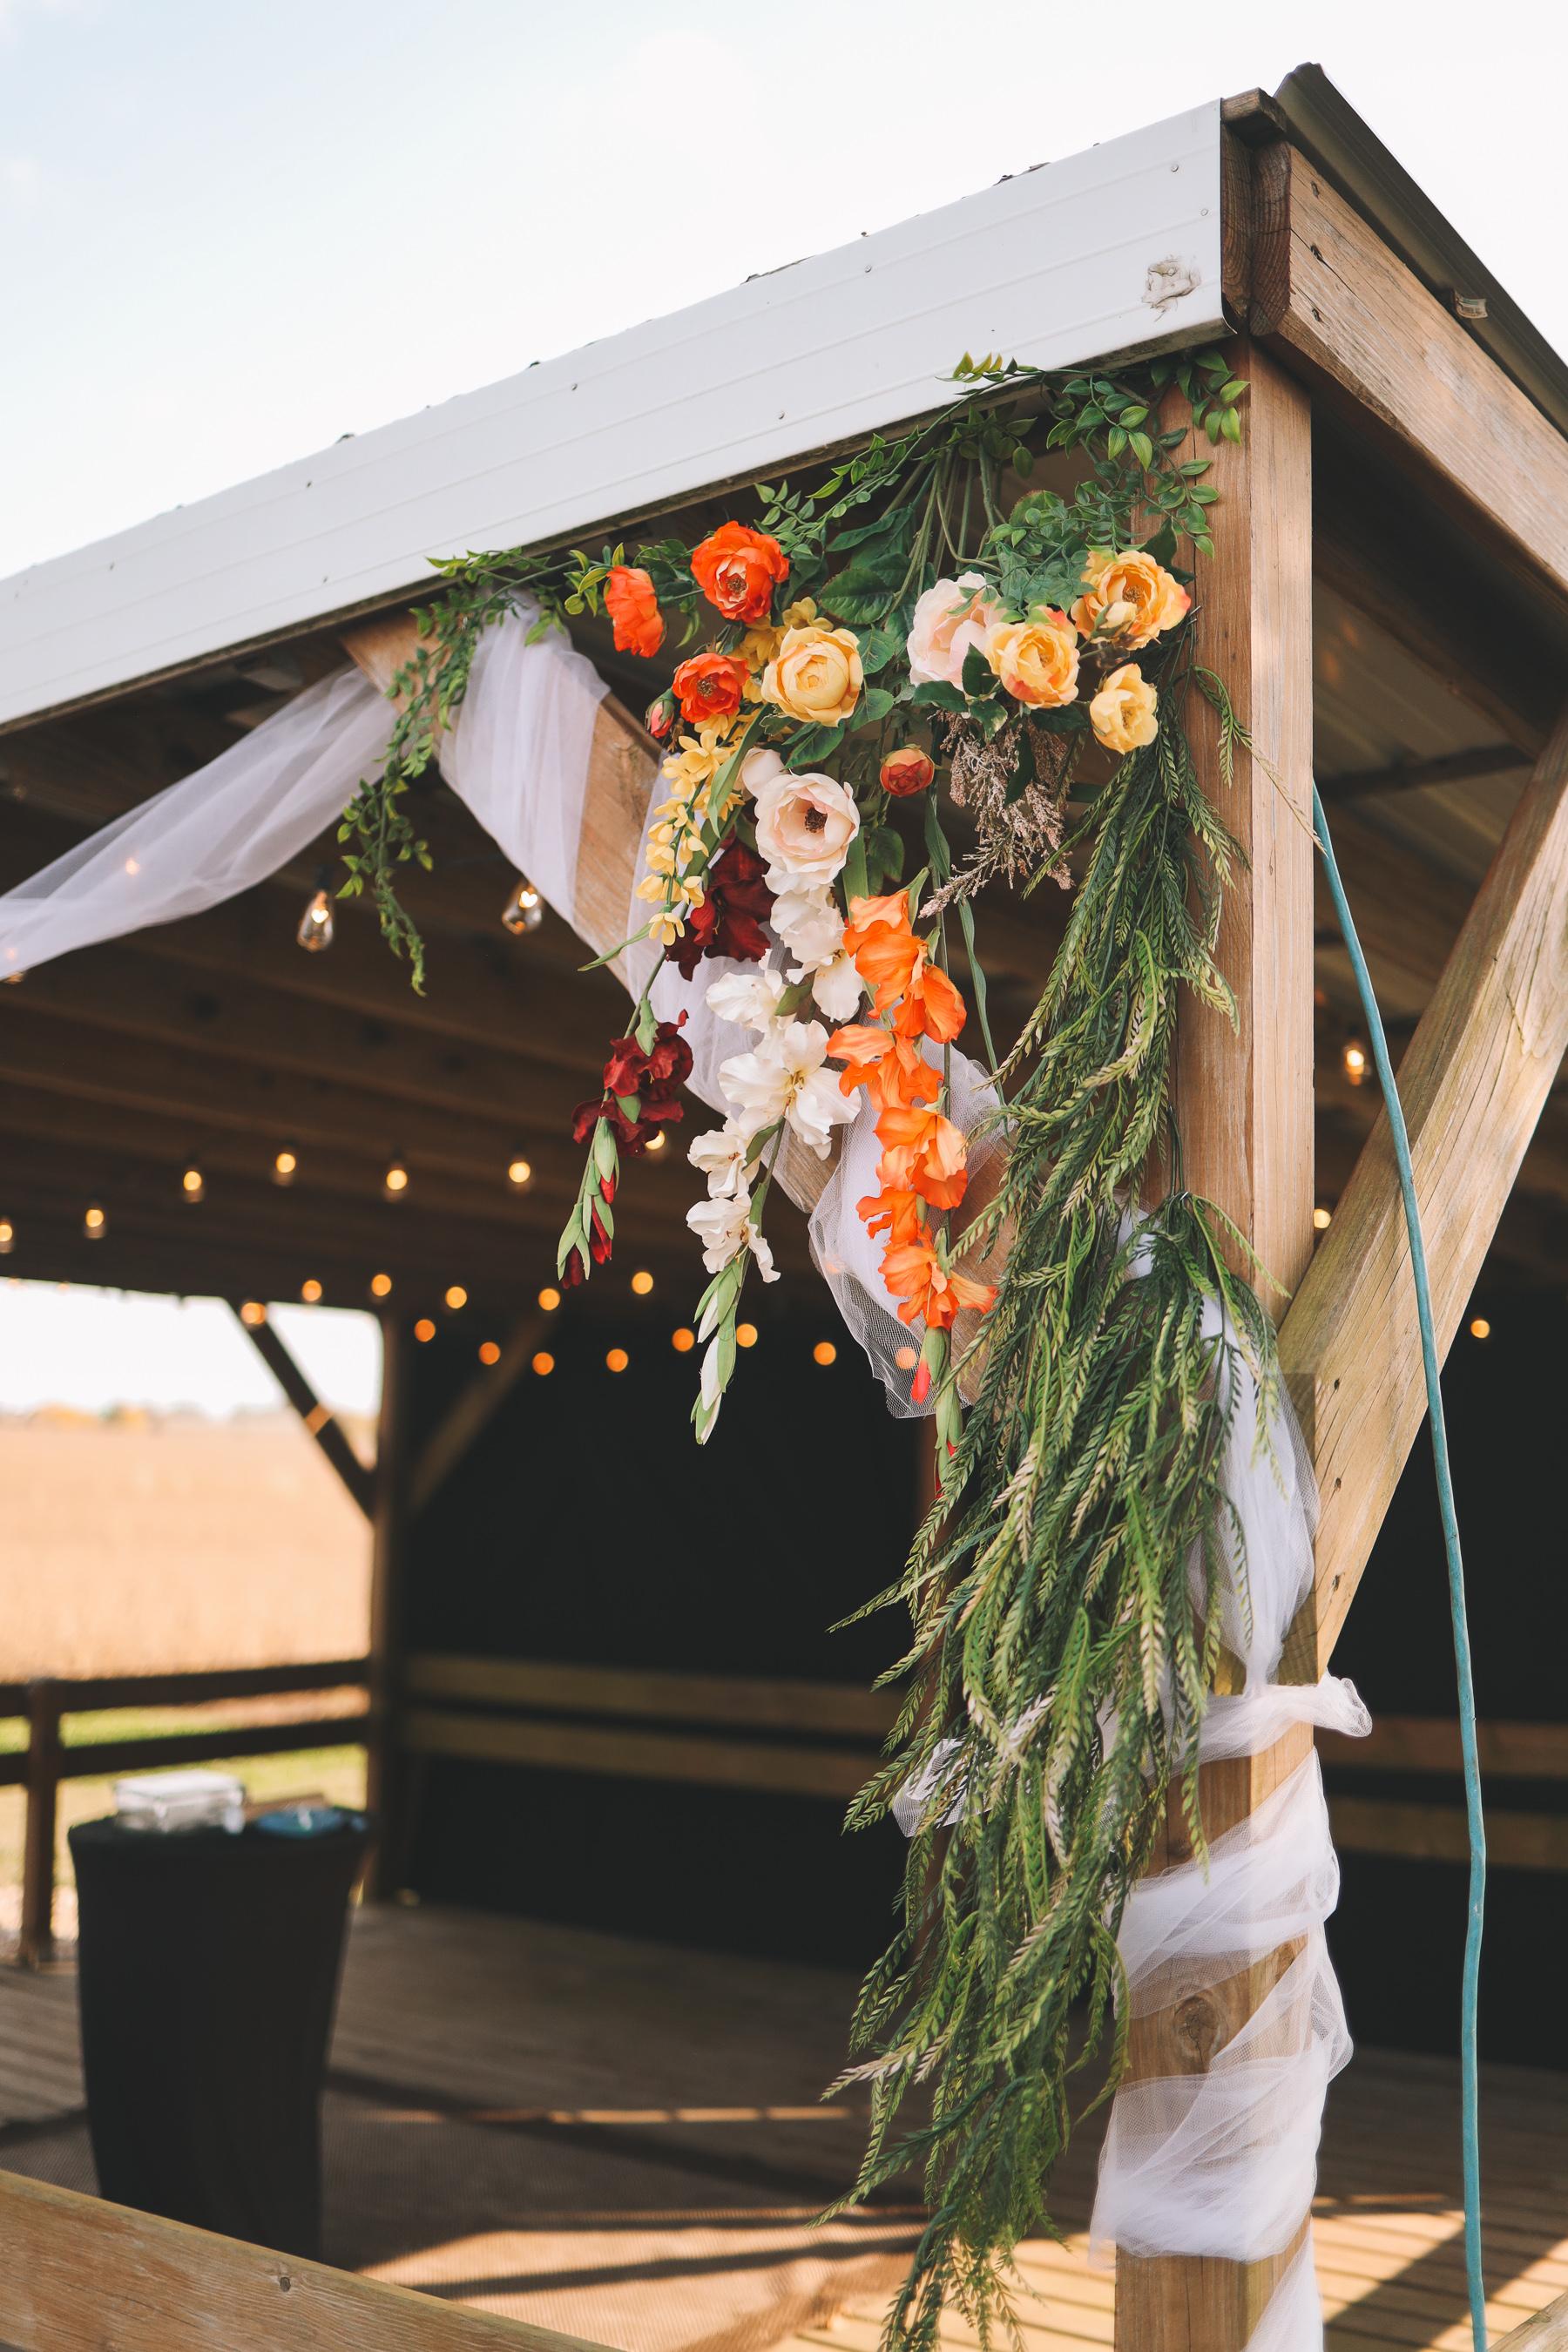 backyard wedding decor | Charlie and Shirleys Wedding